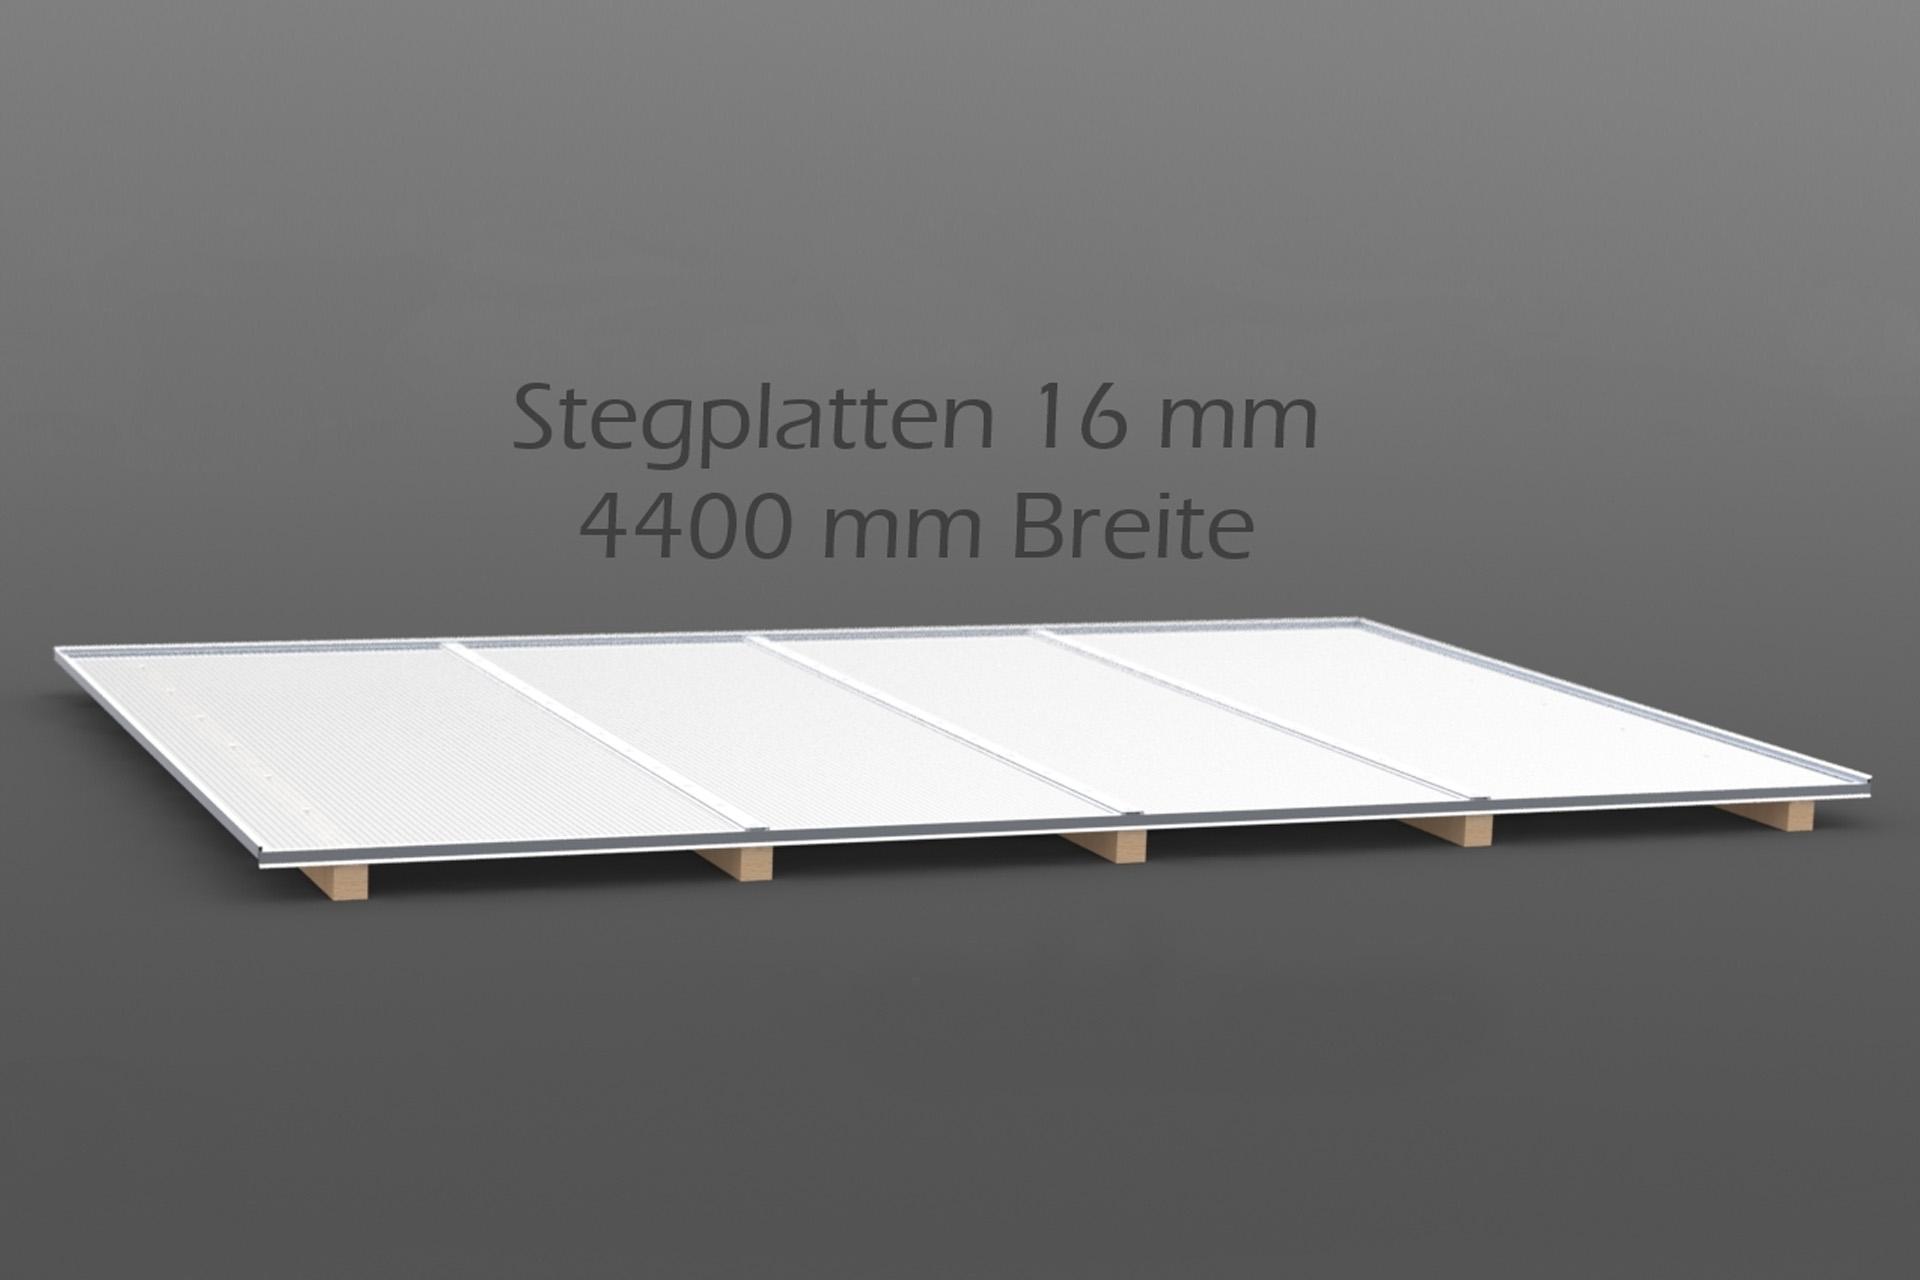 Dachhaut Stegplatten 16 mm in 4400 mm Breite